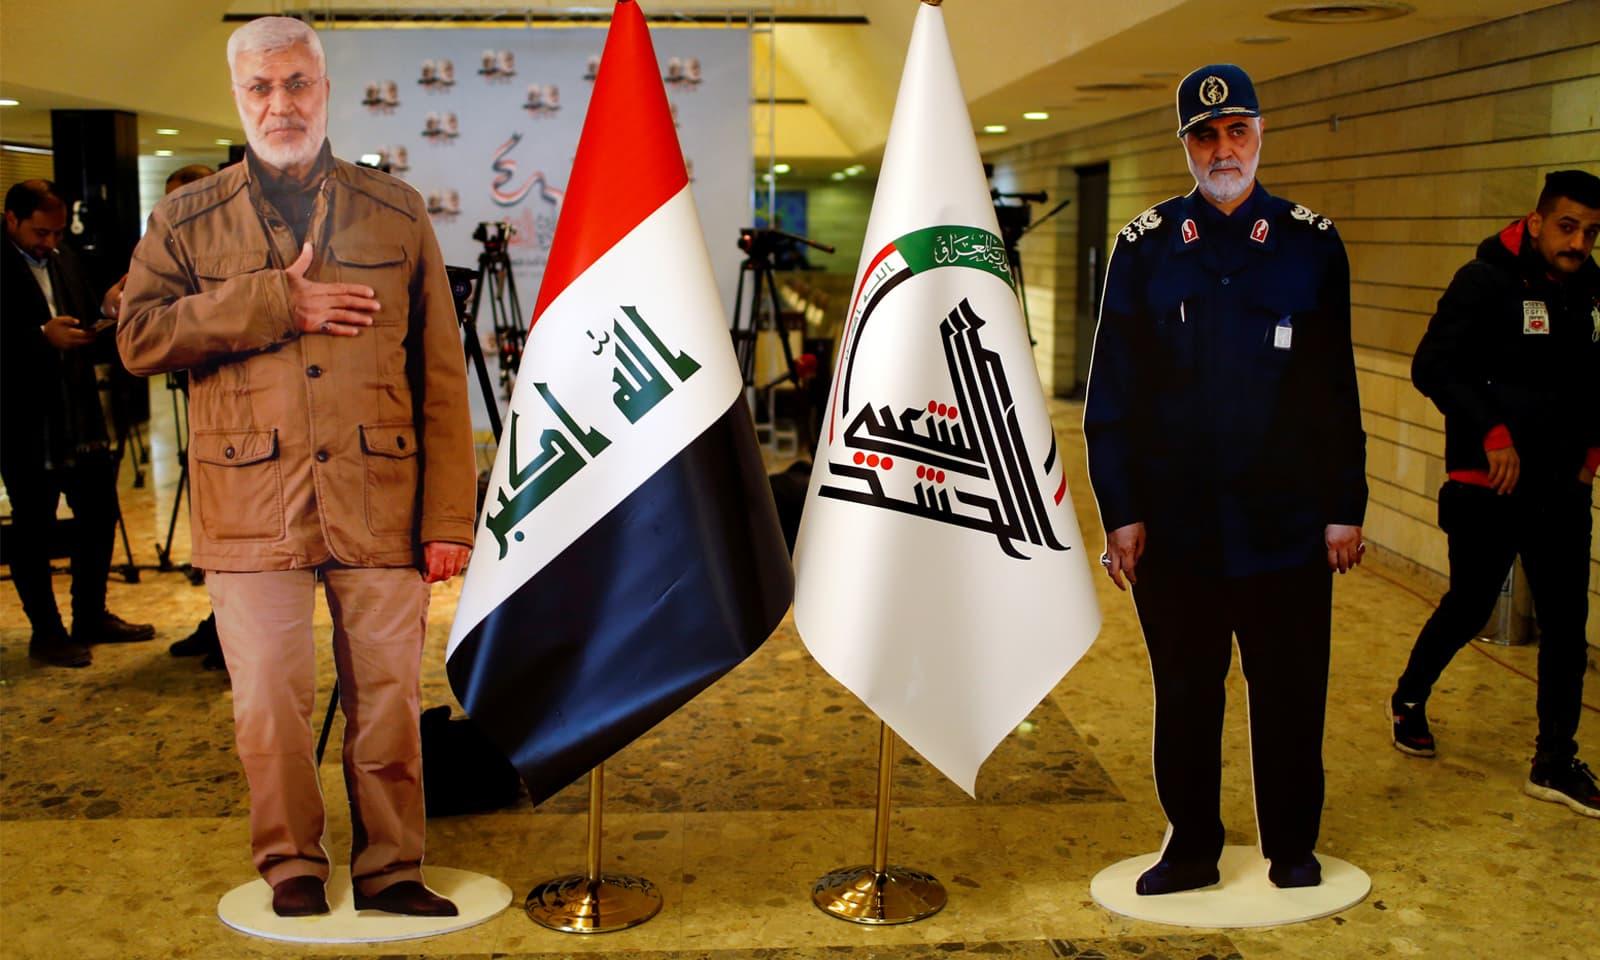 تہران کے ایئرپورٹ پر القدس کے مقتول سربراہ جنرل قاسم سلیمانی کا مجسمہ لگایا گیا—فوٹو: رائٹرز